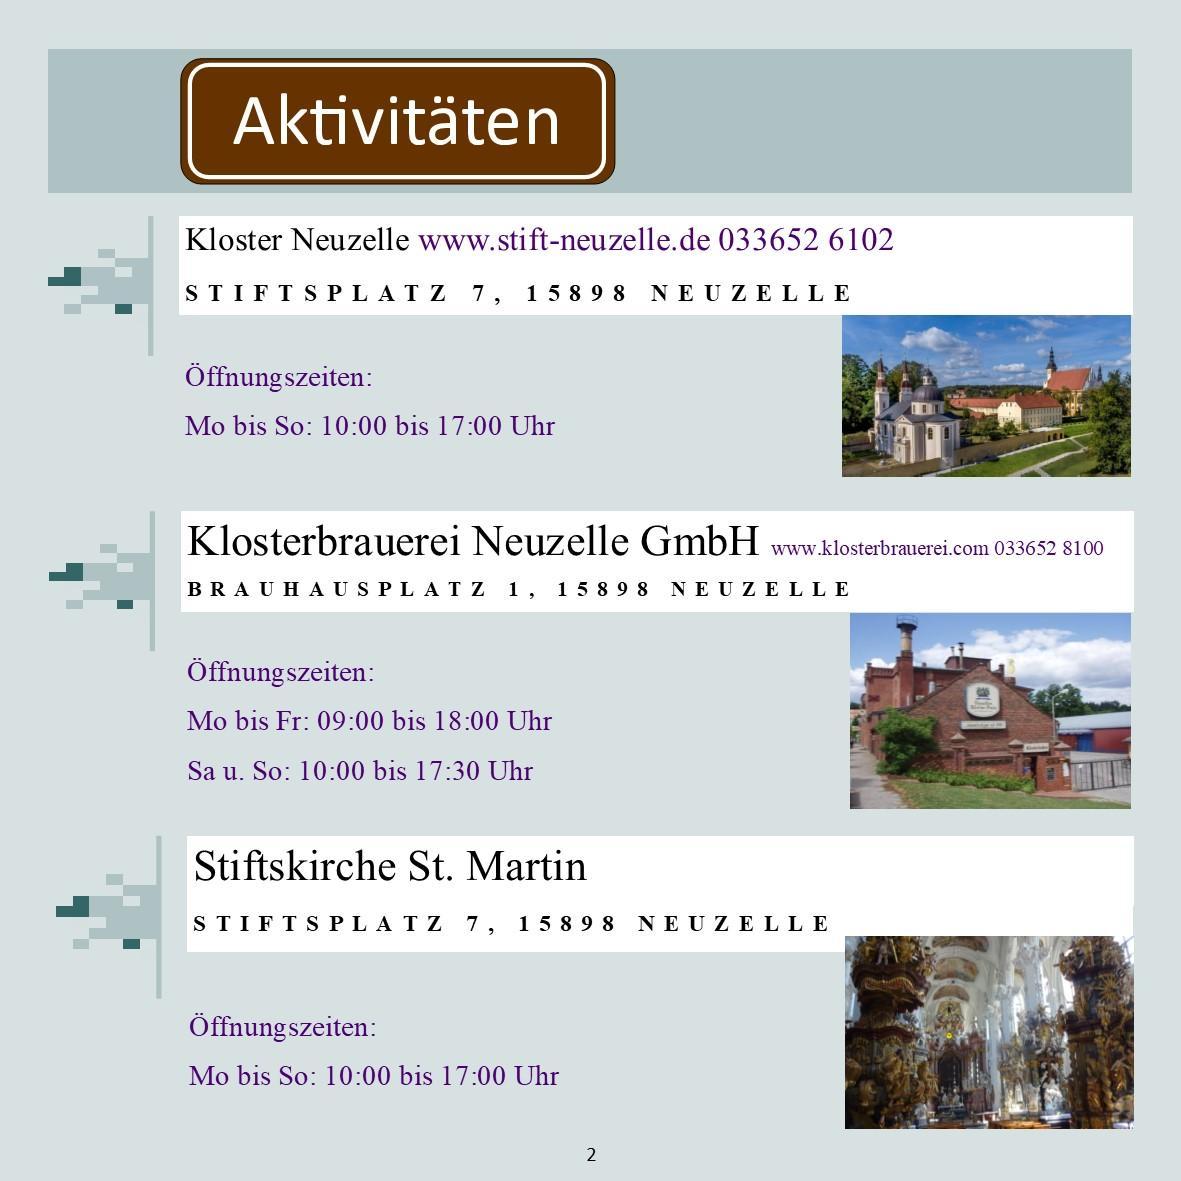 Neuzelle_Freizeit_Kärtchen_Aktivitäten2